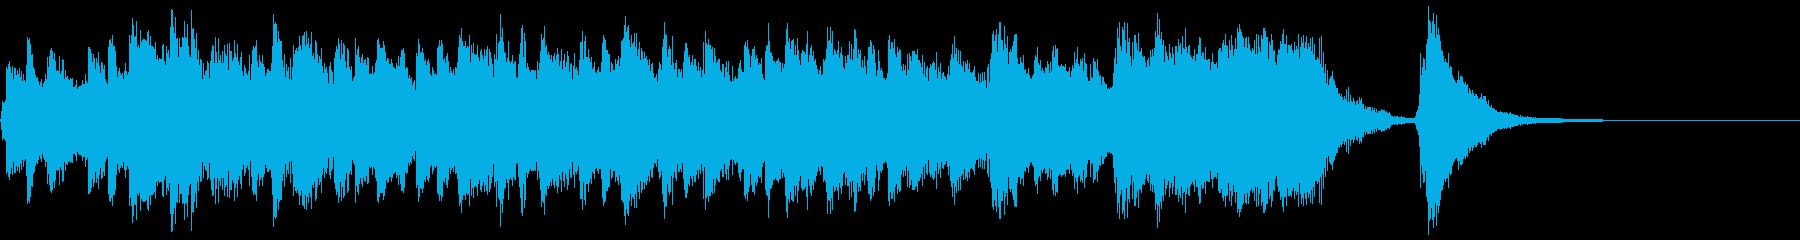 最新テクノロジーCMに合いそうジングルの再生済みの波形